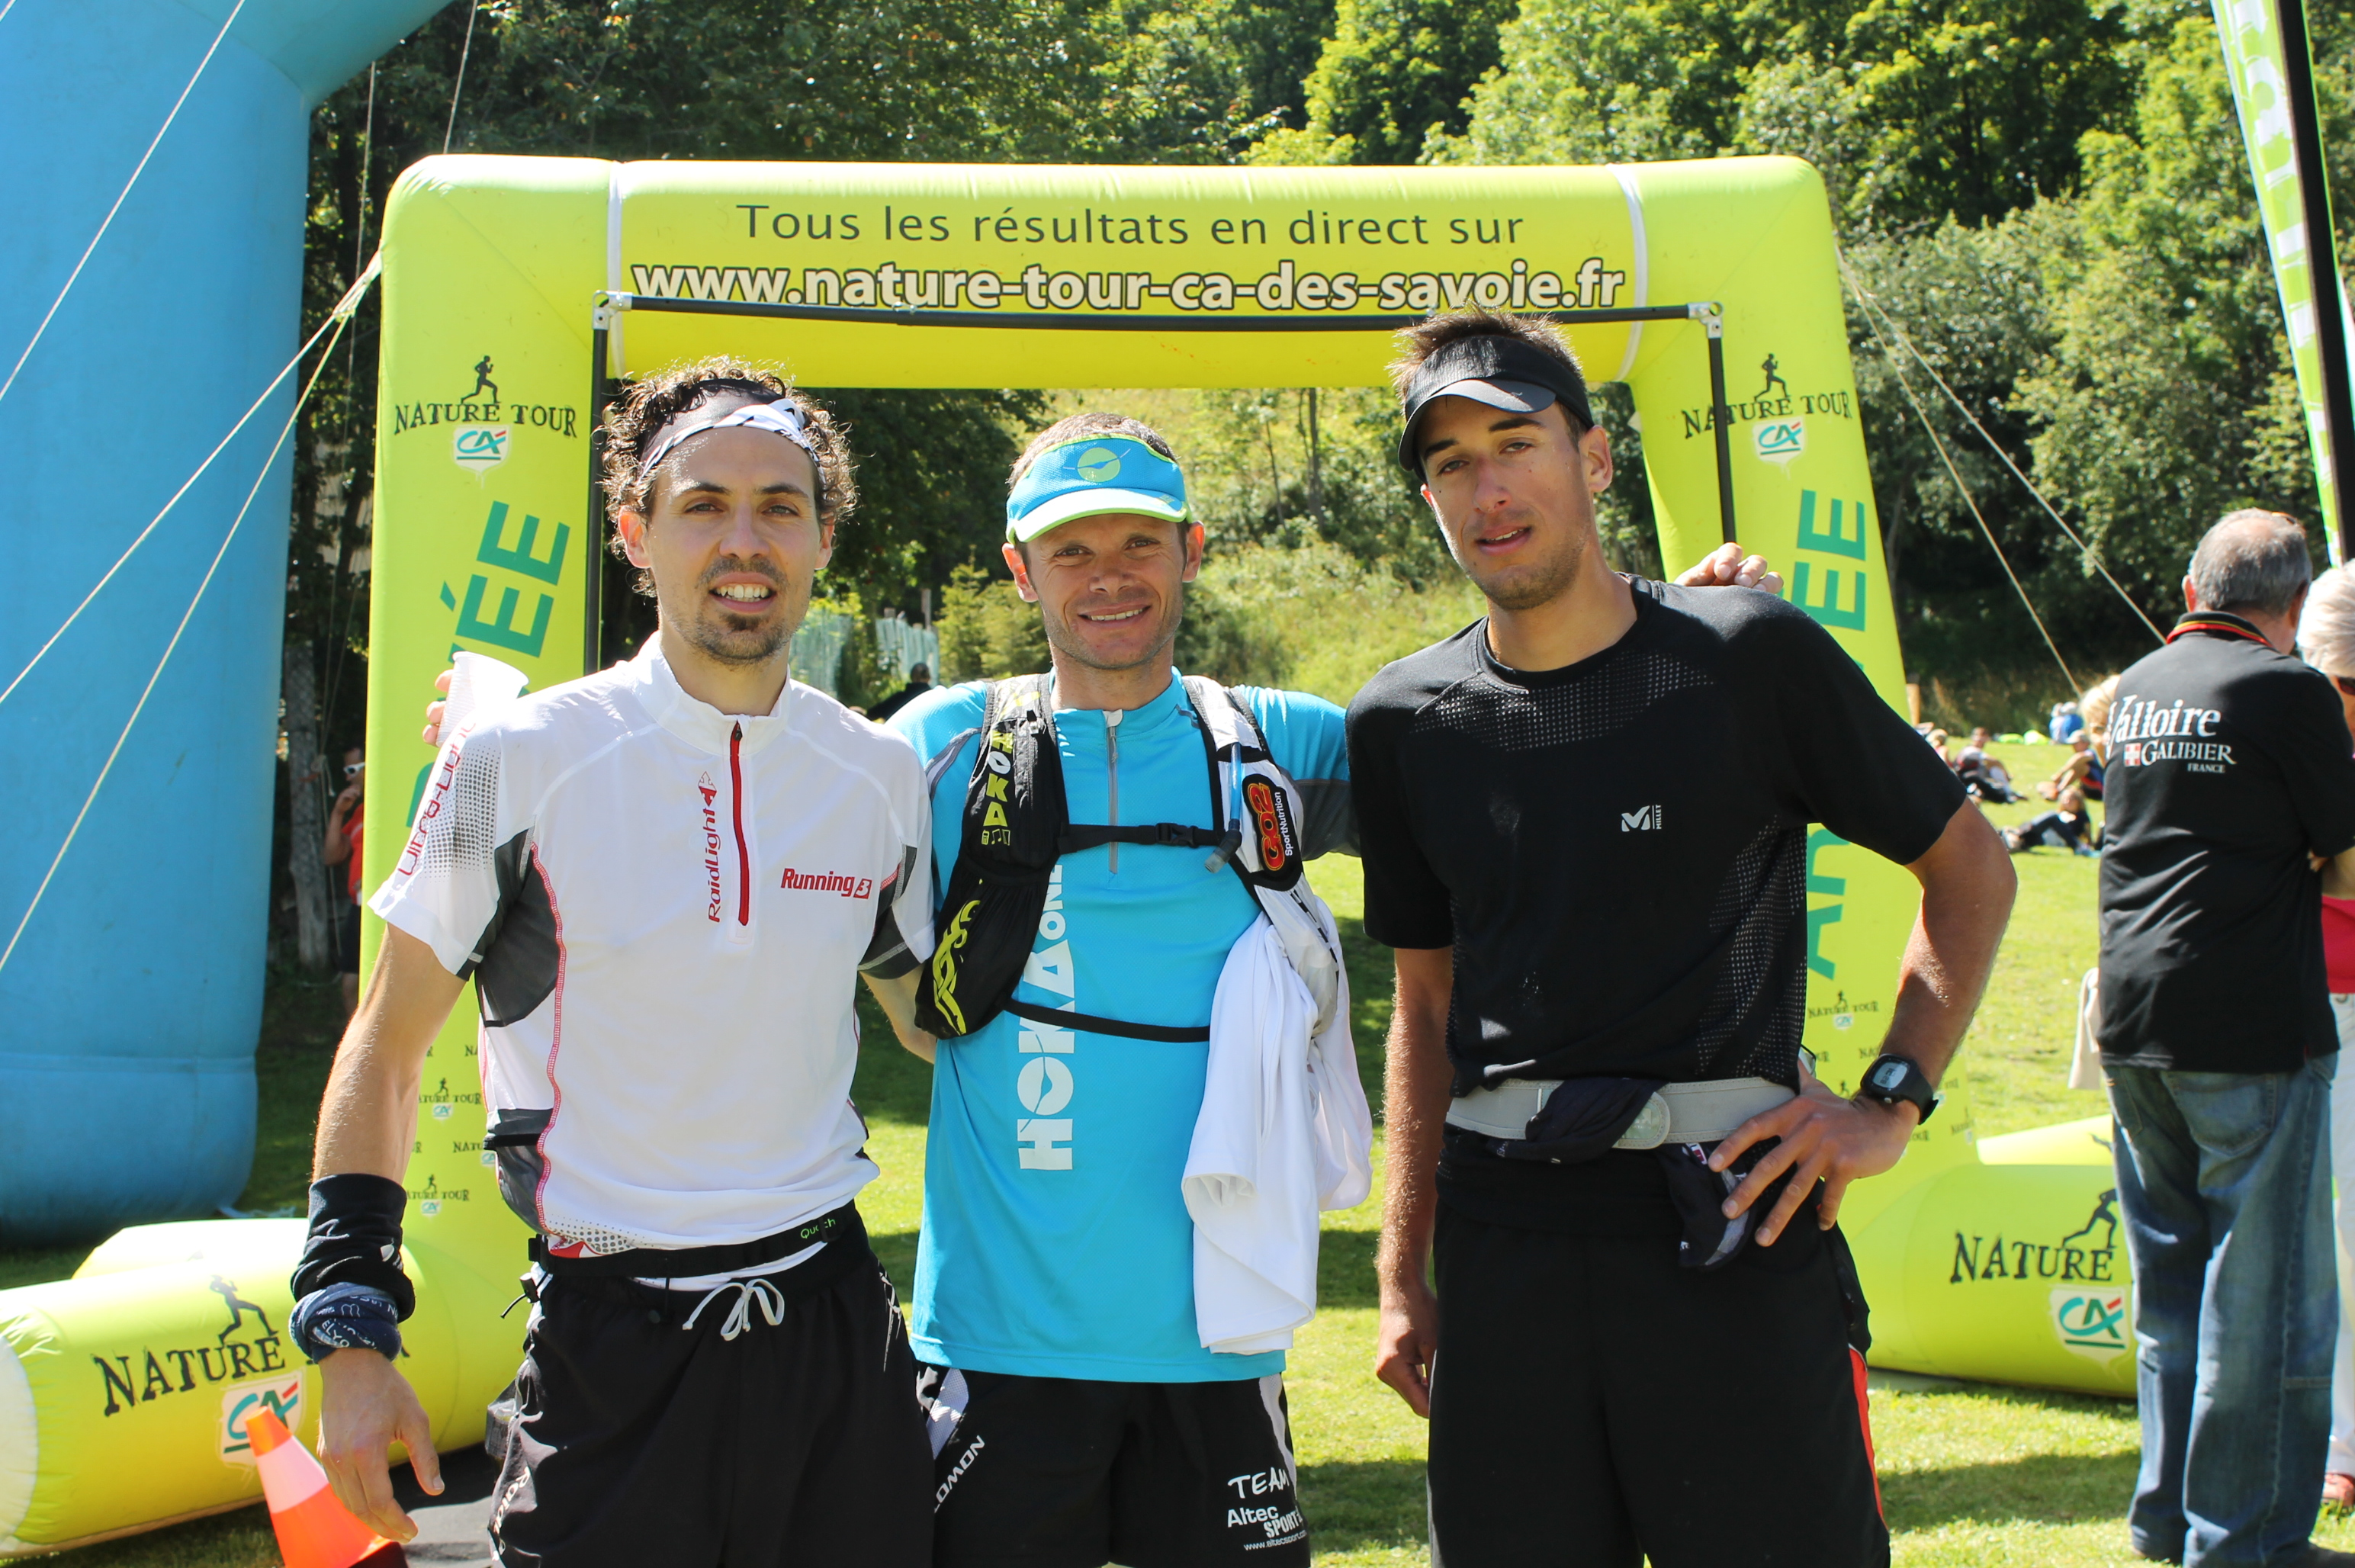 IMG 5221 - Trail du Galibier 2014 : résultats, photos et interview exclusive du vainqueur Ludovic Pommeret (Team Hoka)